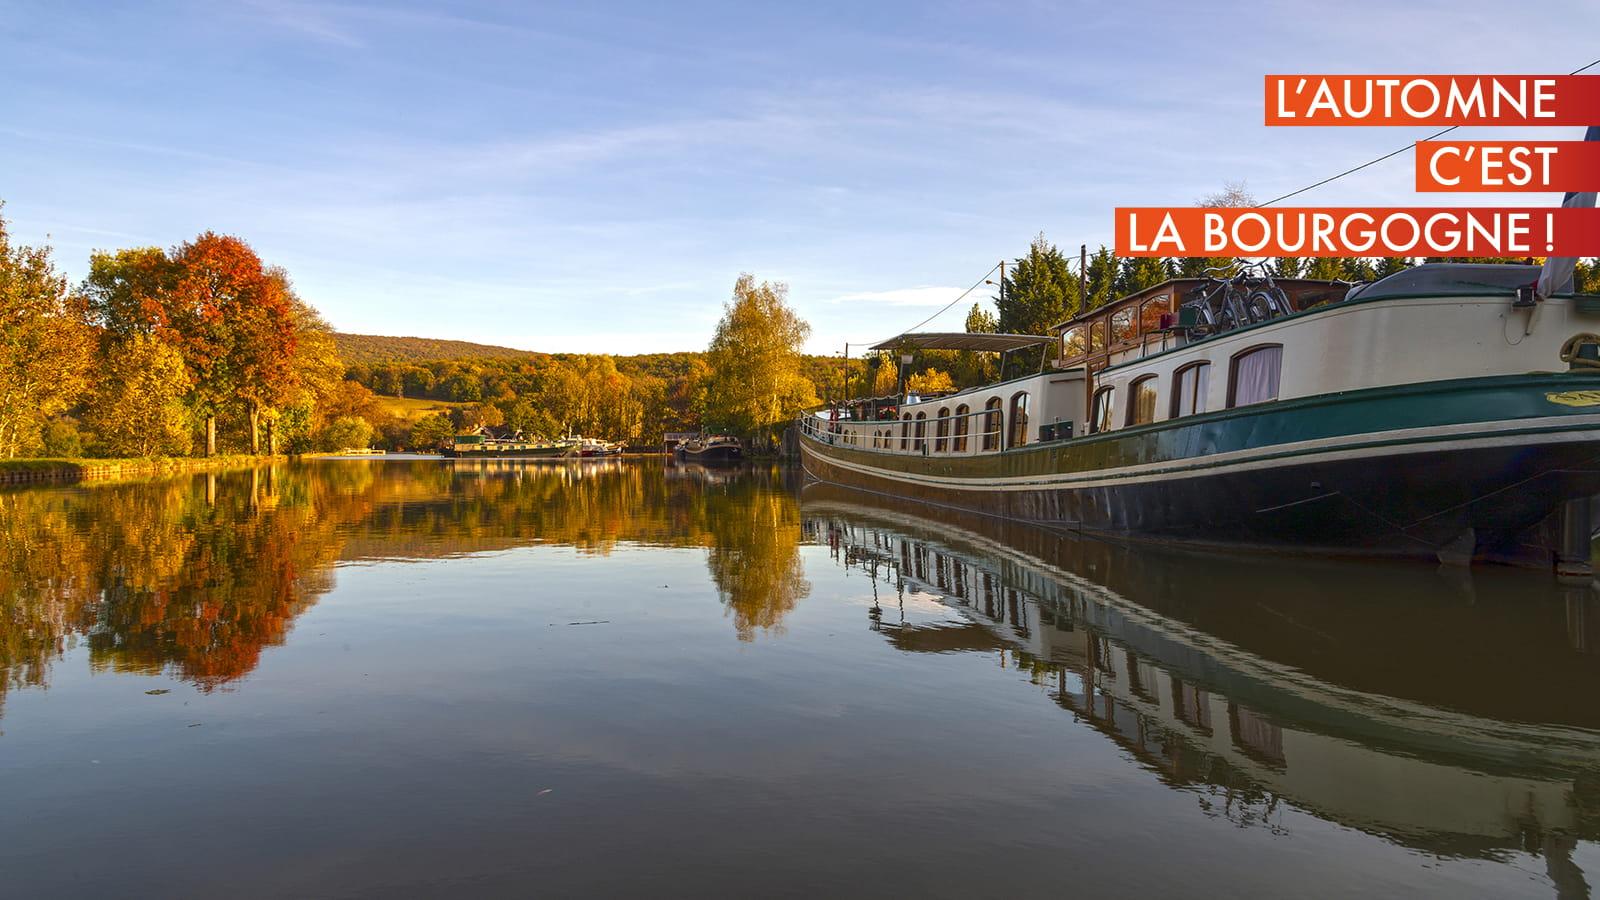 l'Automne c'est la Bourgogne